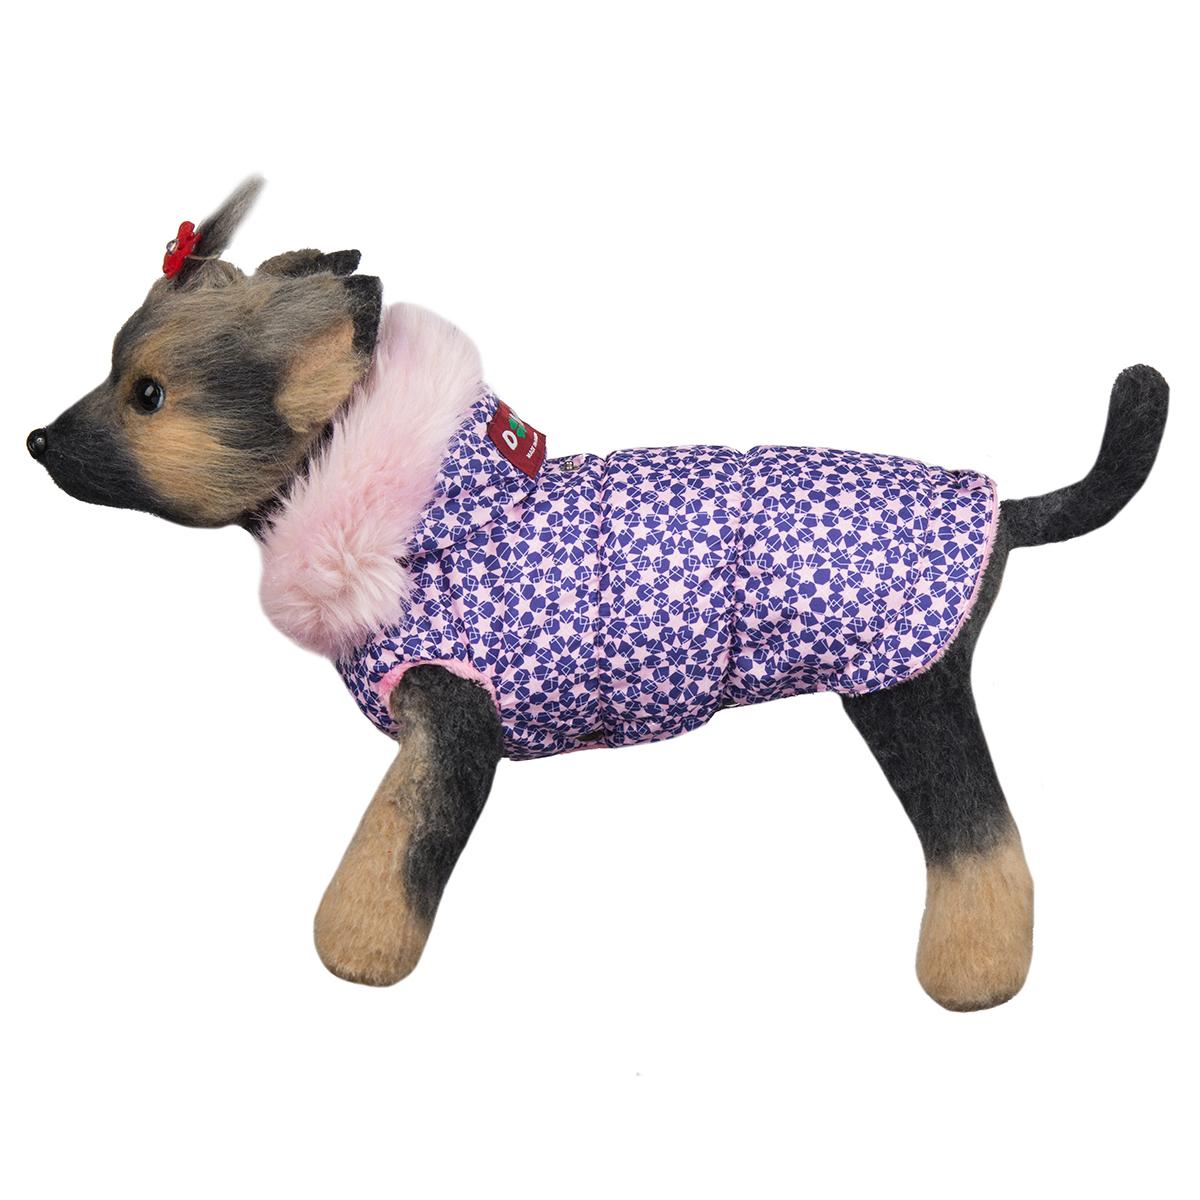 Куртка для собак Dogmoda Аляска, для девочки. Размер 1 (S)DM-160290-1Куртка для собак Dogmoda Аляска изготовлена из полиэстера водоотталкивающего типа. Для подкладки был использован синтепон и искусственный мех. Изделие легко одевается и снимается, не доставляя неприятных минут хозяину и его питомцу. Технология пошива аляски не стесняет движений и позволяет весело бегать наперегонки с четвероногими друзьями. Непрерывный теплообмен обеспечивает сохранение свежести кожного покрова, который у маленьких собачек особенно чувствителен и уязвим. Светлые, мягкие и яркие тона аляски будут гармонировать с веселостью и подвижностью домашнего любимца на прогулке. Одежда надежно защитит собачку от пронизывающей зимней стужи и позволит от души наслаждаться свежим снегом и длительным пребыванием на прогулке в морозный день.